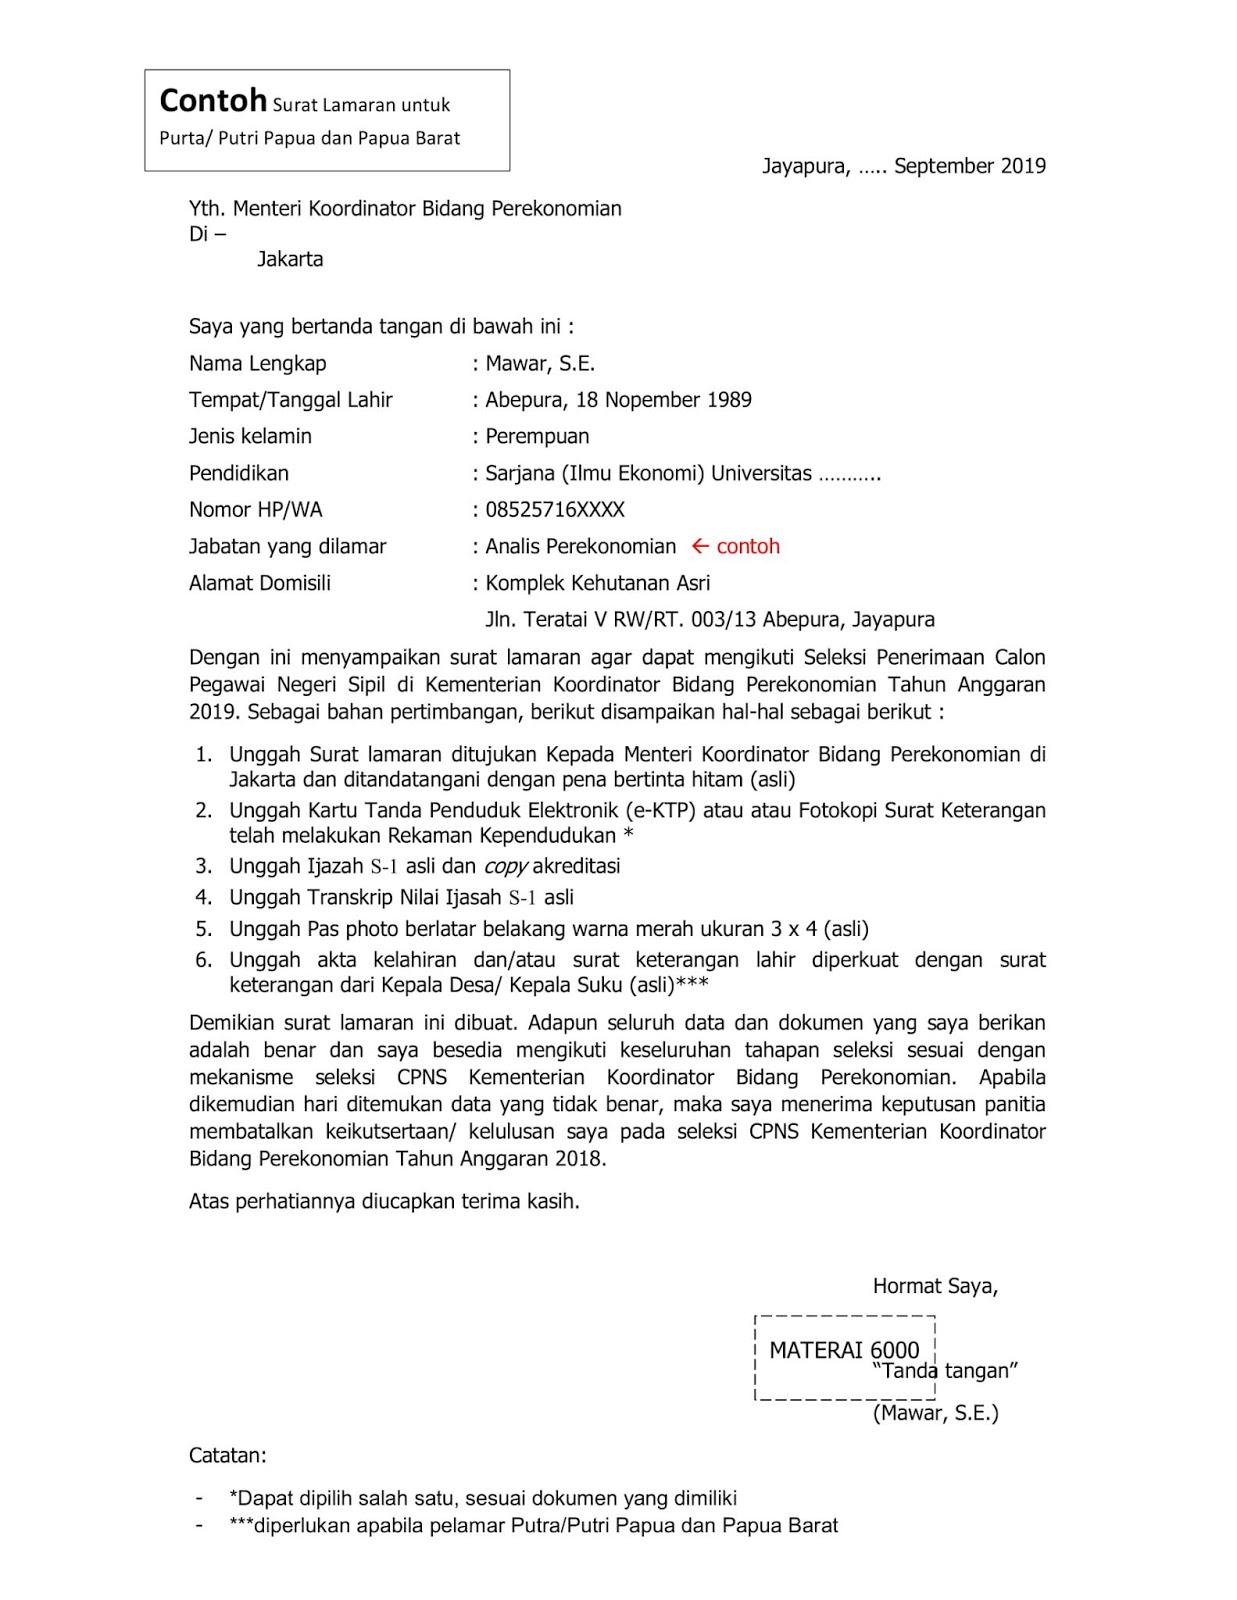 Contoh Format Surat Lamaran CPNS Kementerian Koordinator Bidang Perekonomian Tahun Anggaran 2019